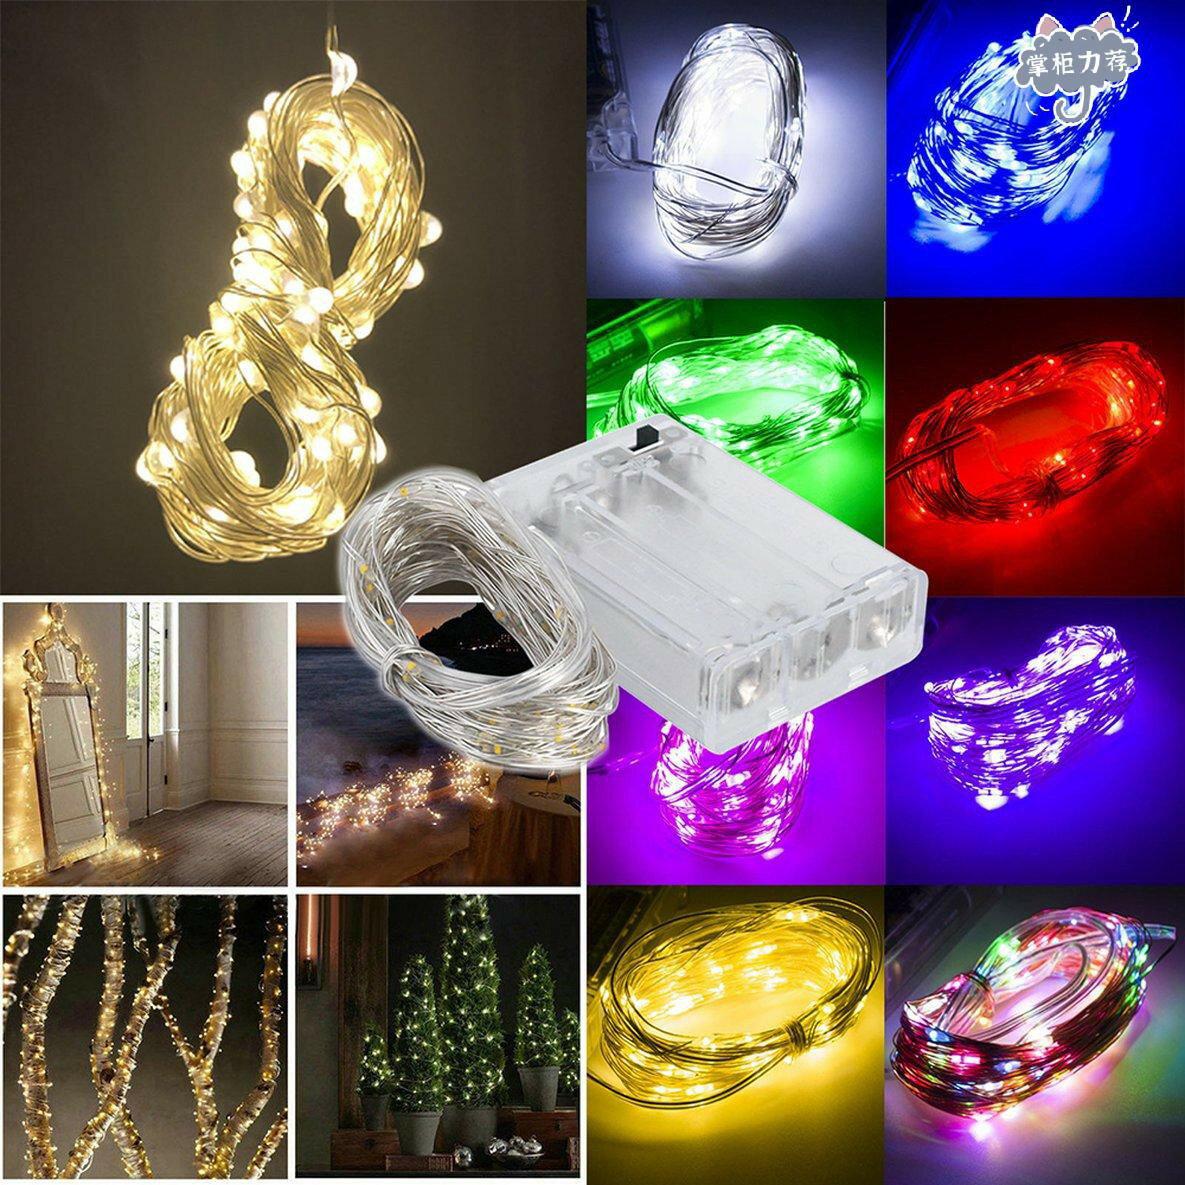 【全館免運】LED燈串銀線童話燈裝飾燈燈串電池供電